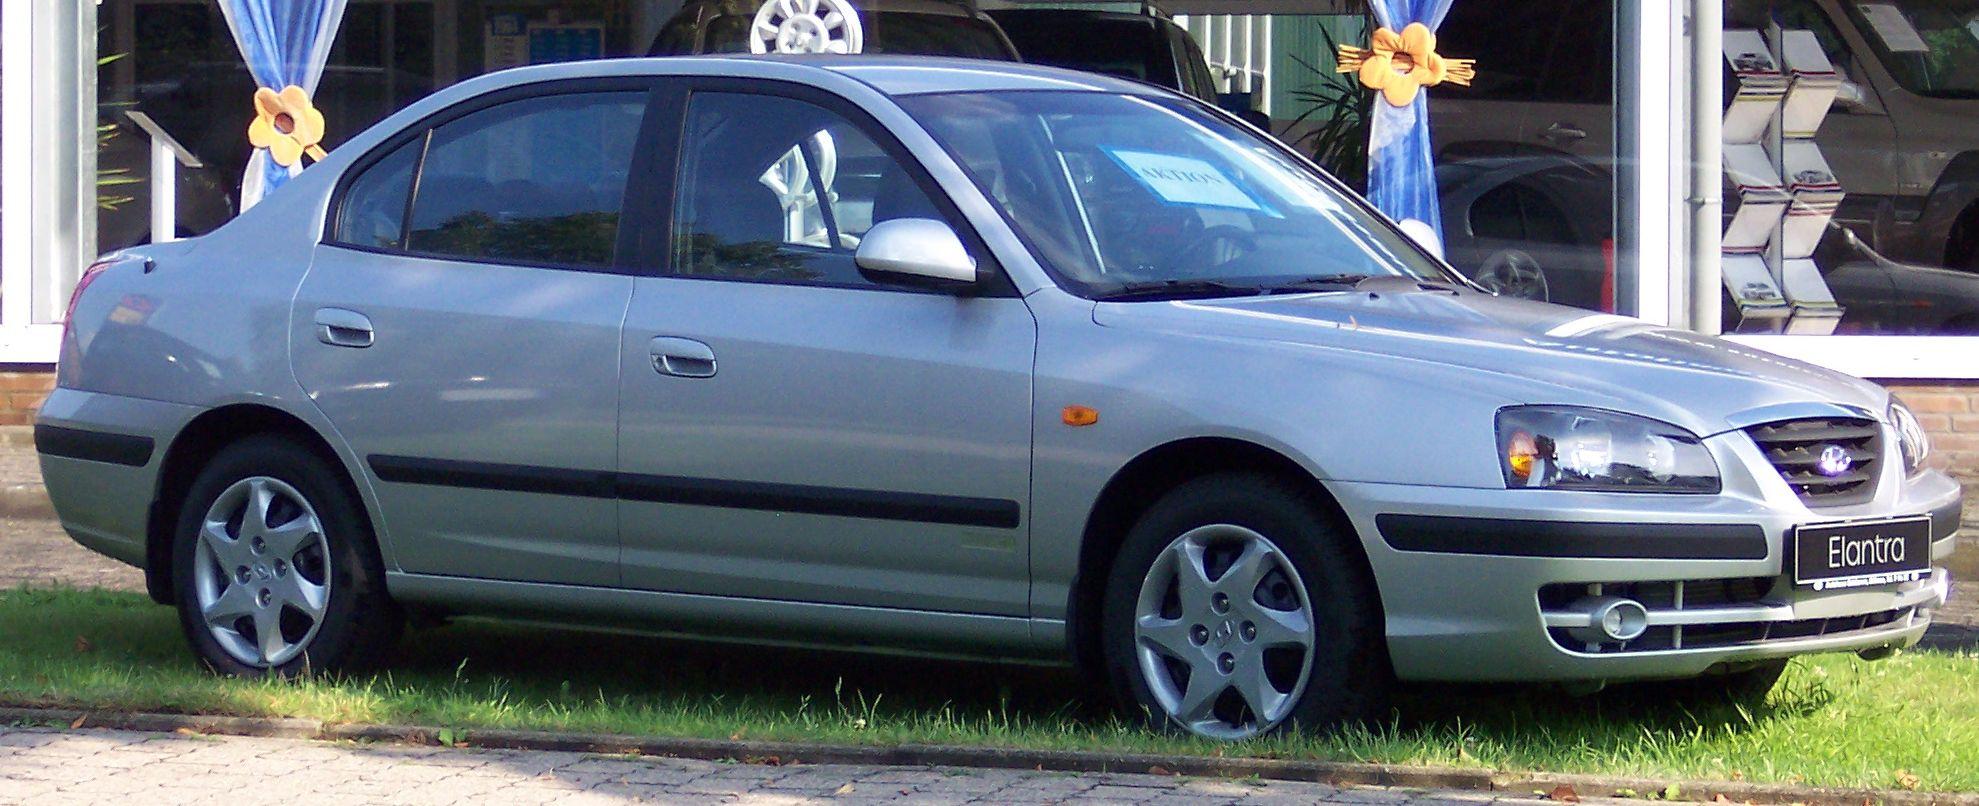 mi auto no parte snif snif..!!!!! Hyundai_Elantra_silver_vr